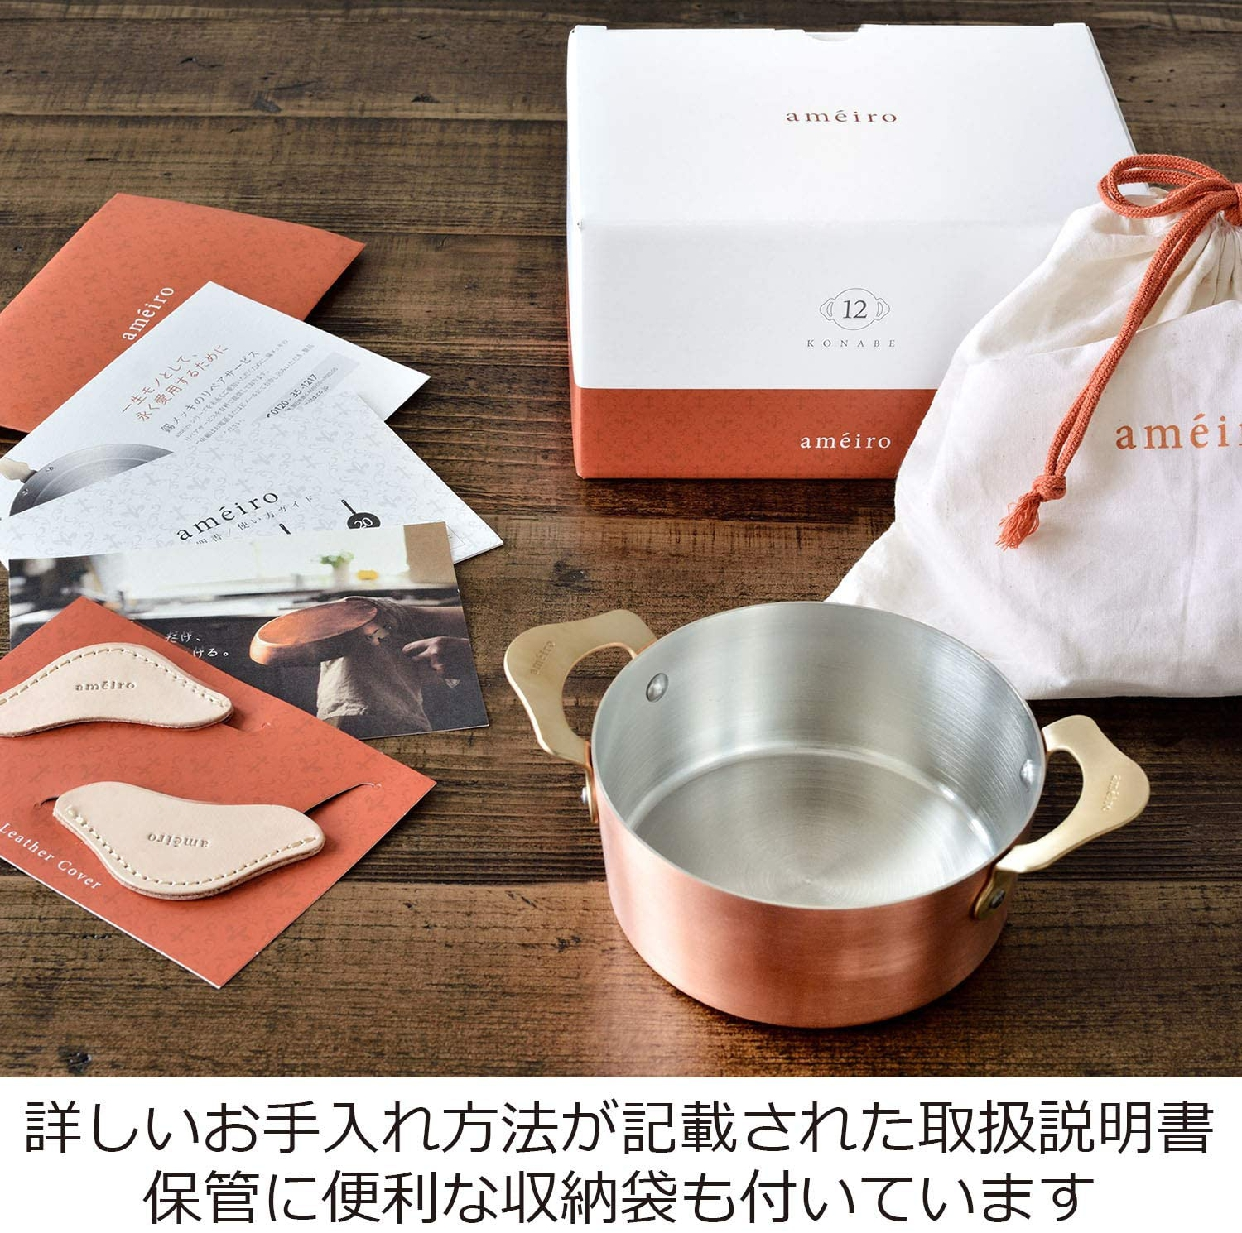 AUX(オークス)揚げ物鍋18(内面:錫メッキ)【アメイロ】オレンジ COS8005の商品画像4